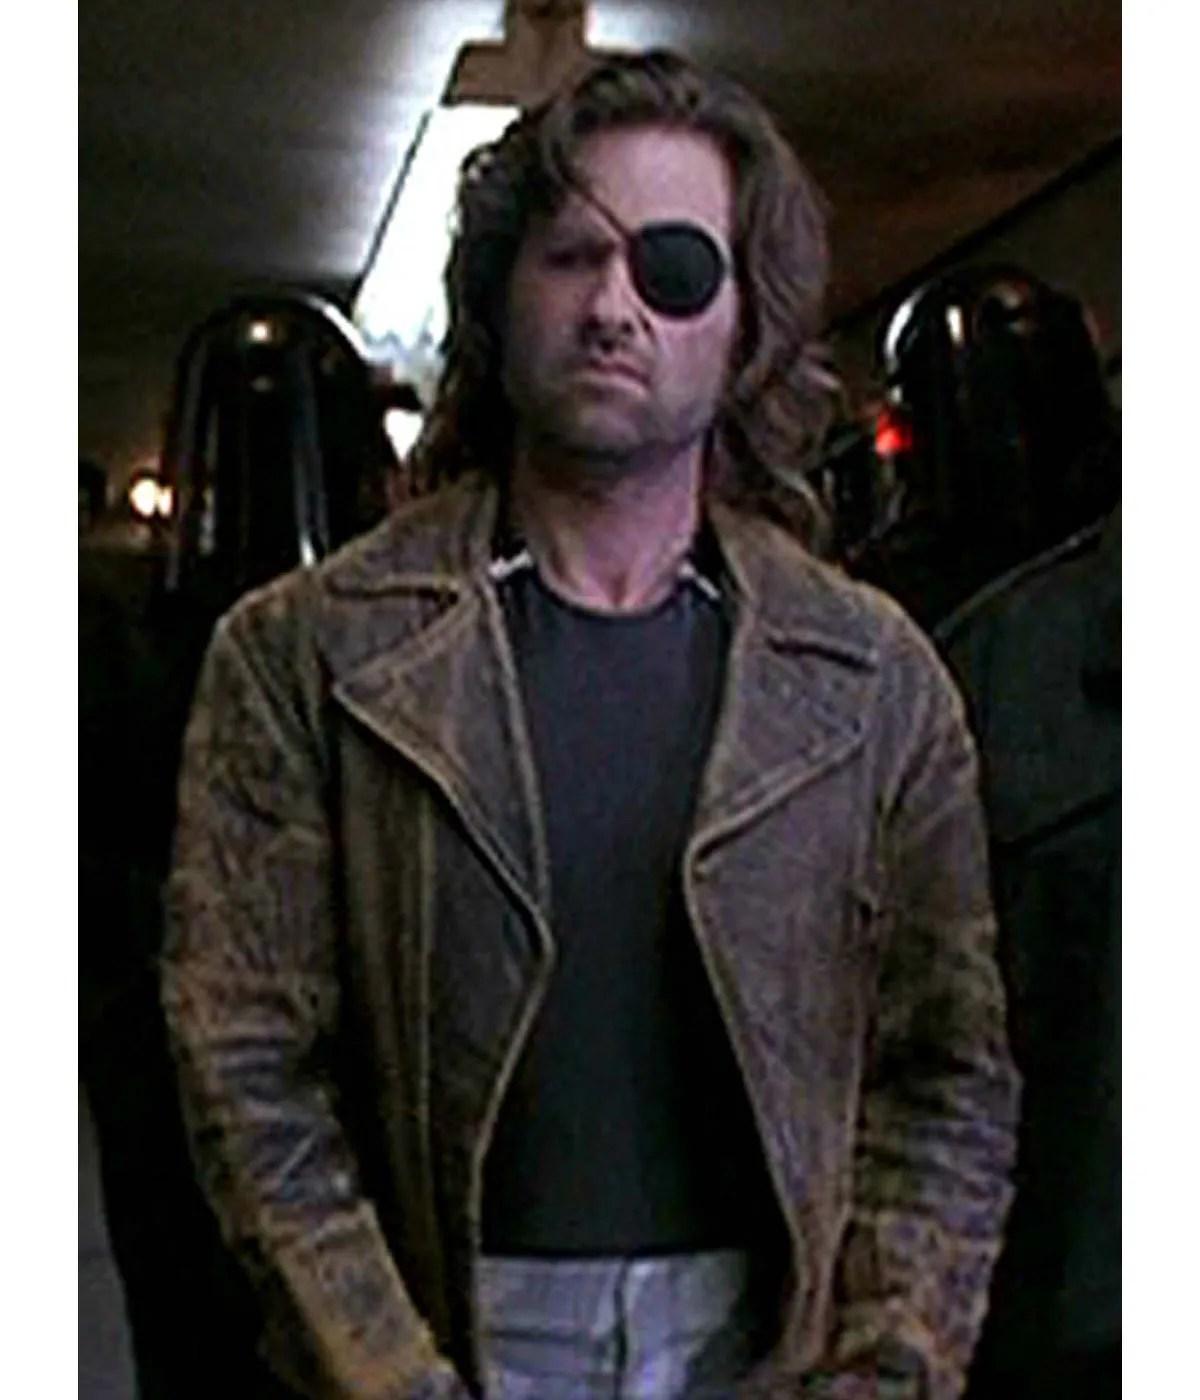 snake-plissken-escape-from-la-leather-jacket